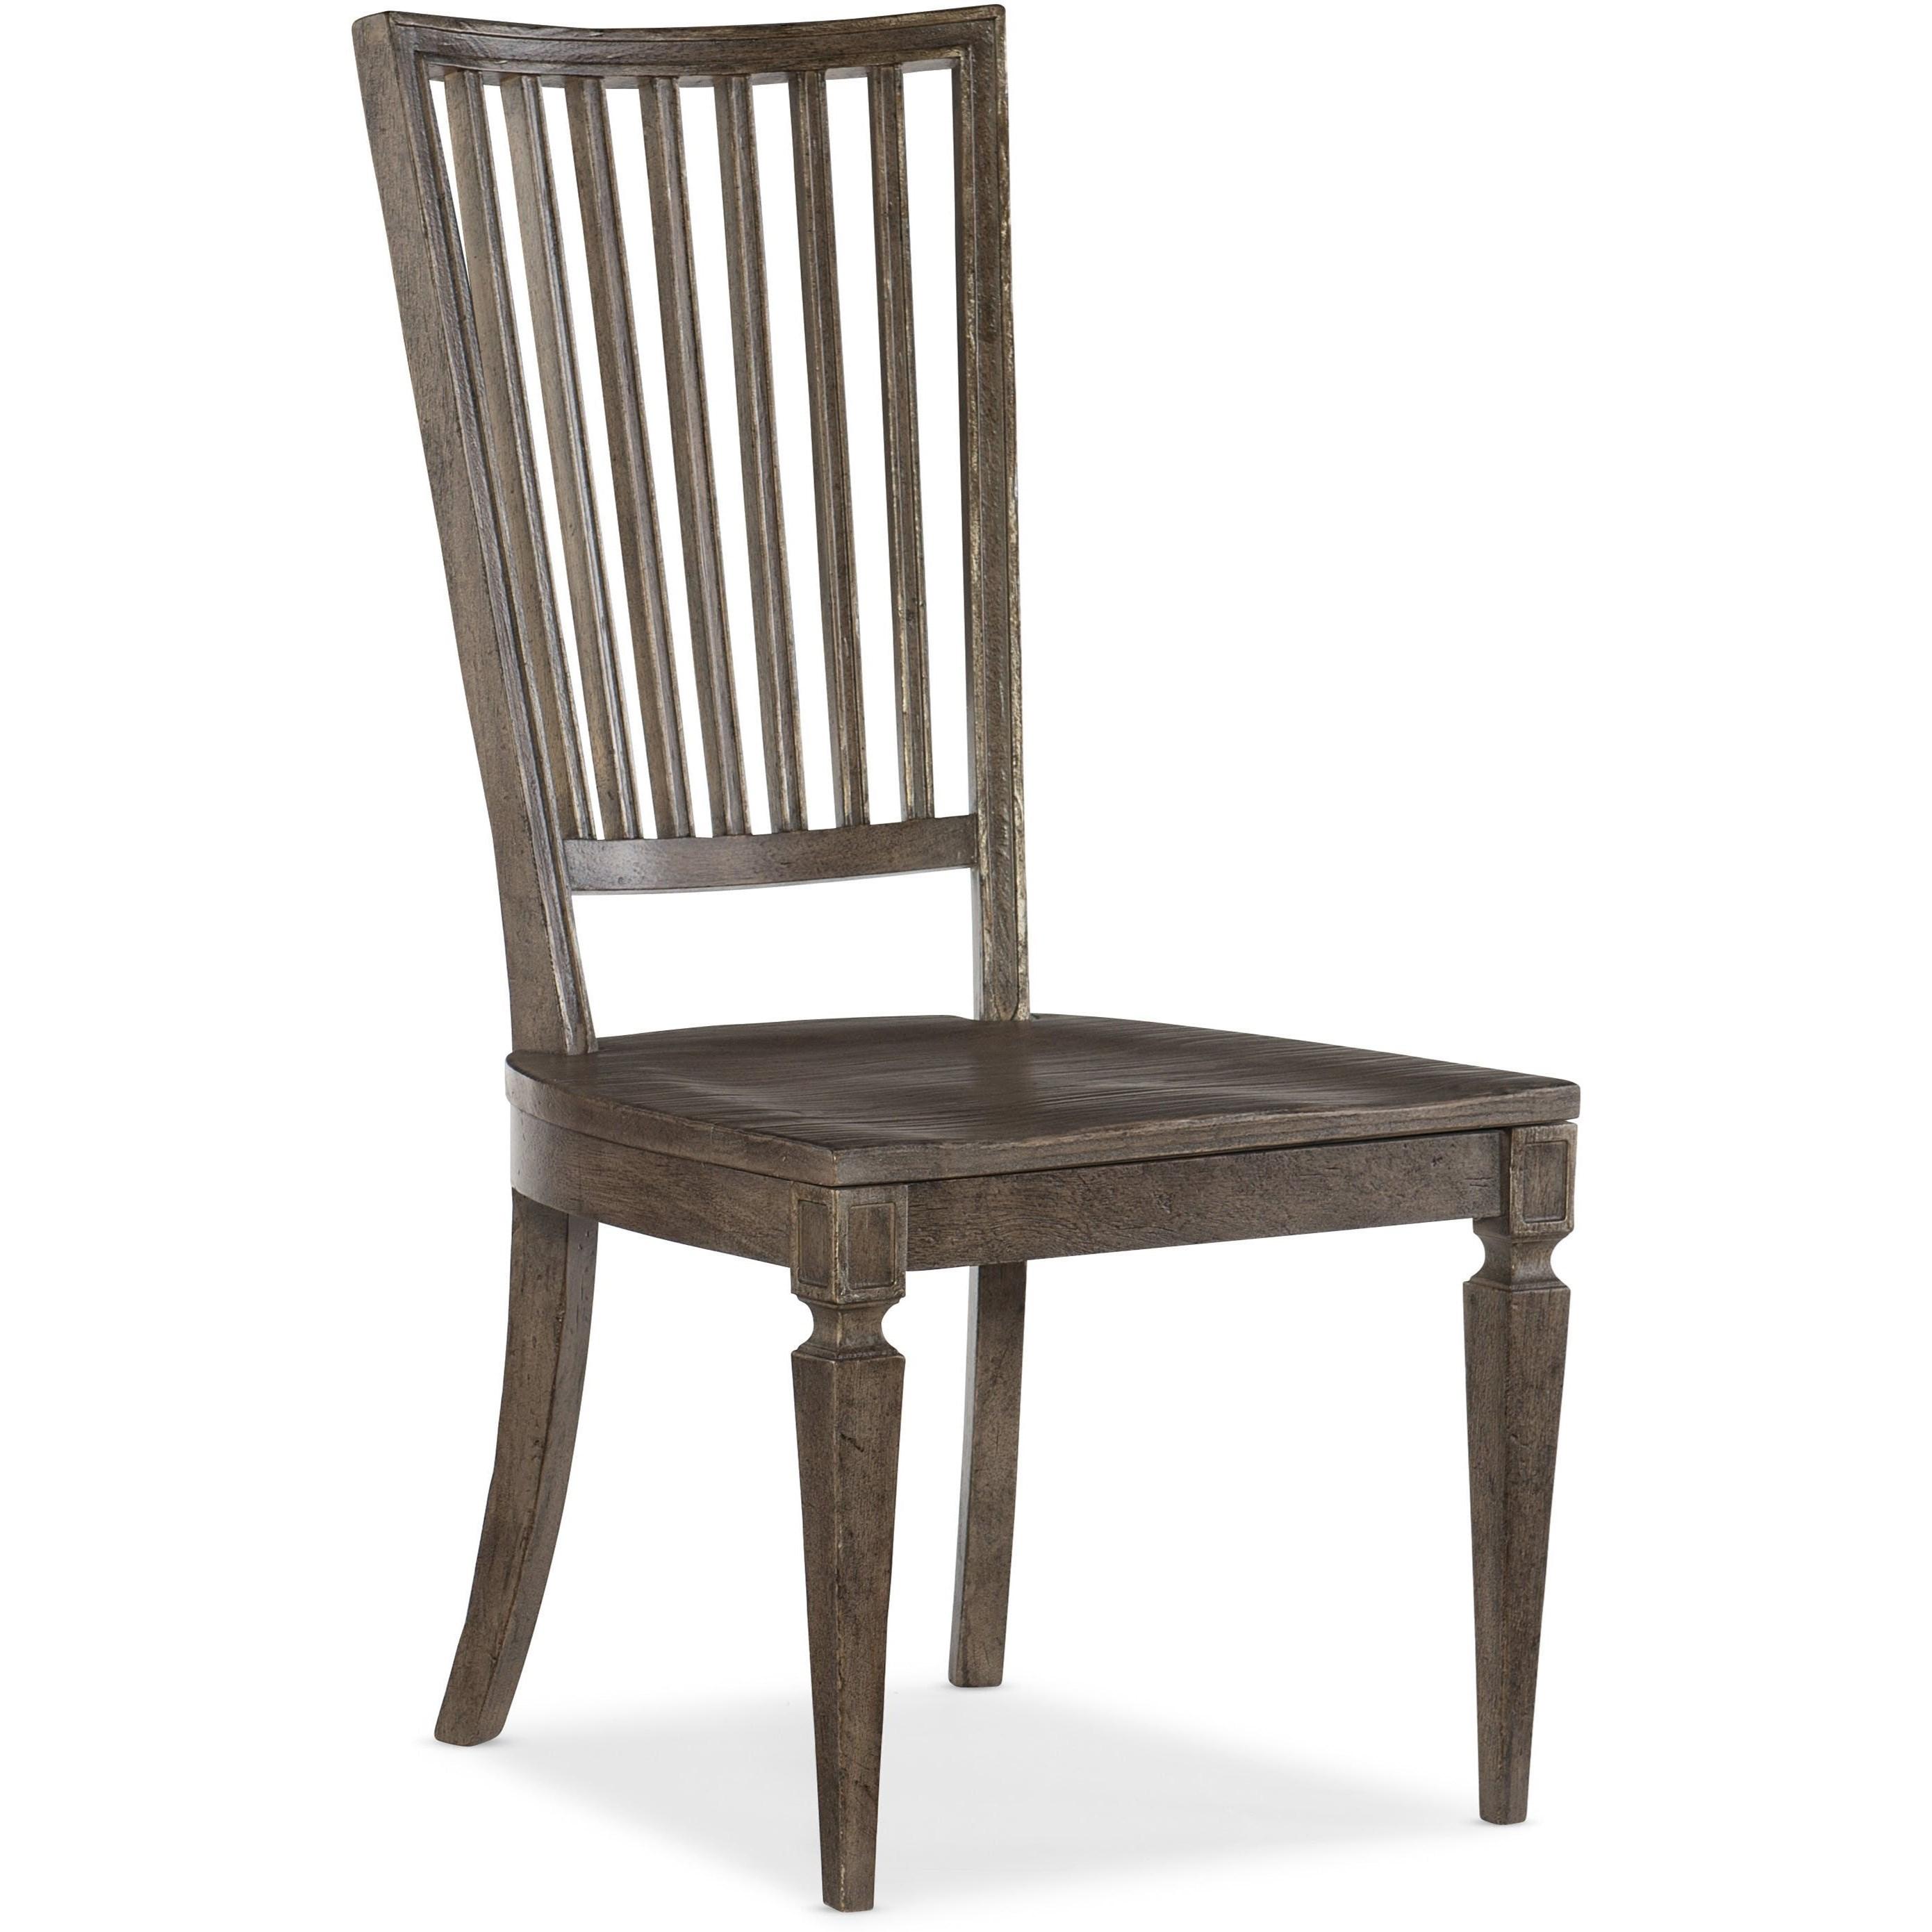 Woodlands Wood Back Side Chair by Hooker Furniture at Baer's Furniture